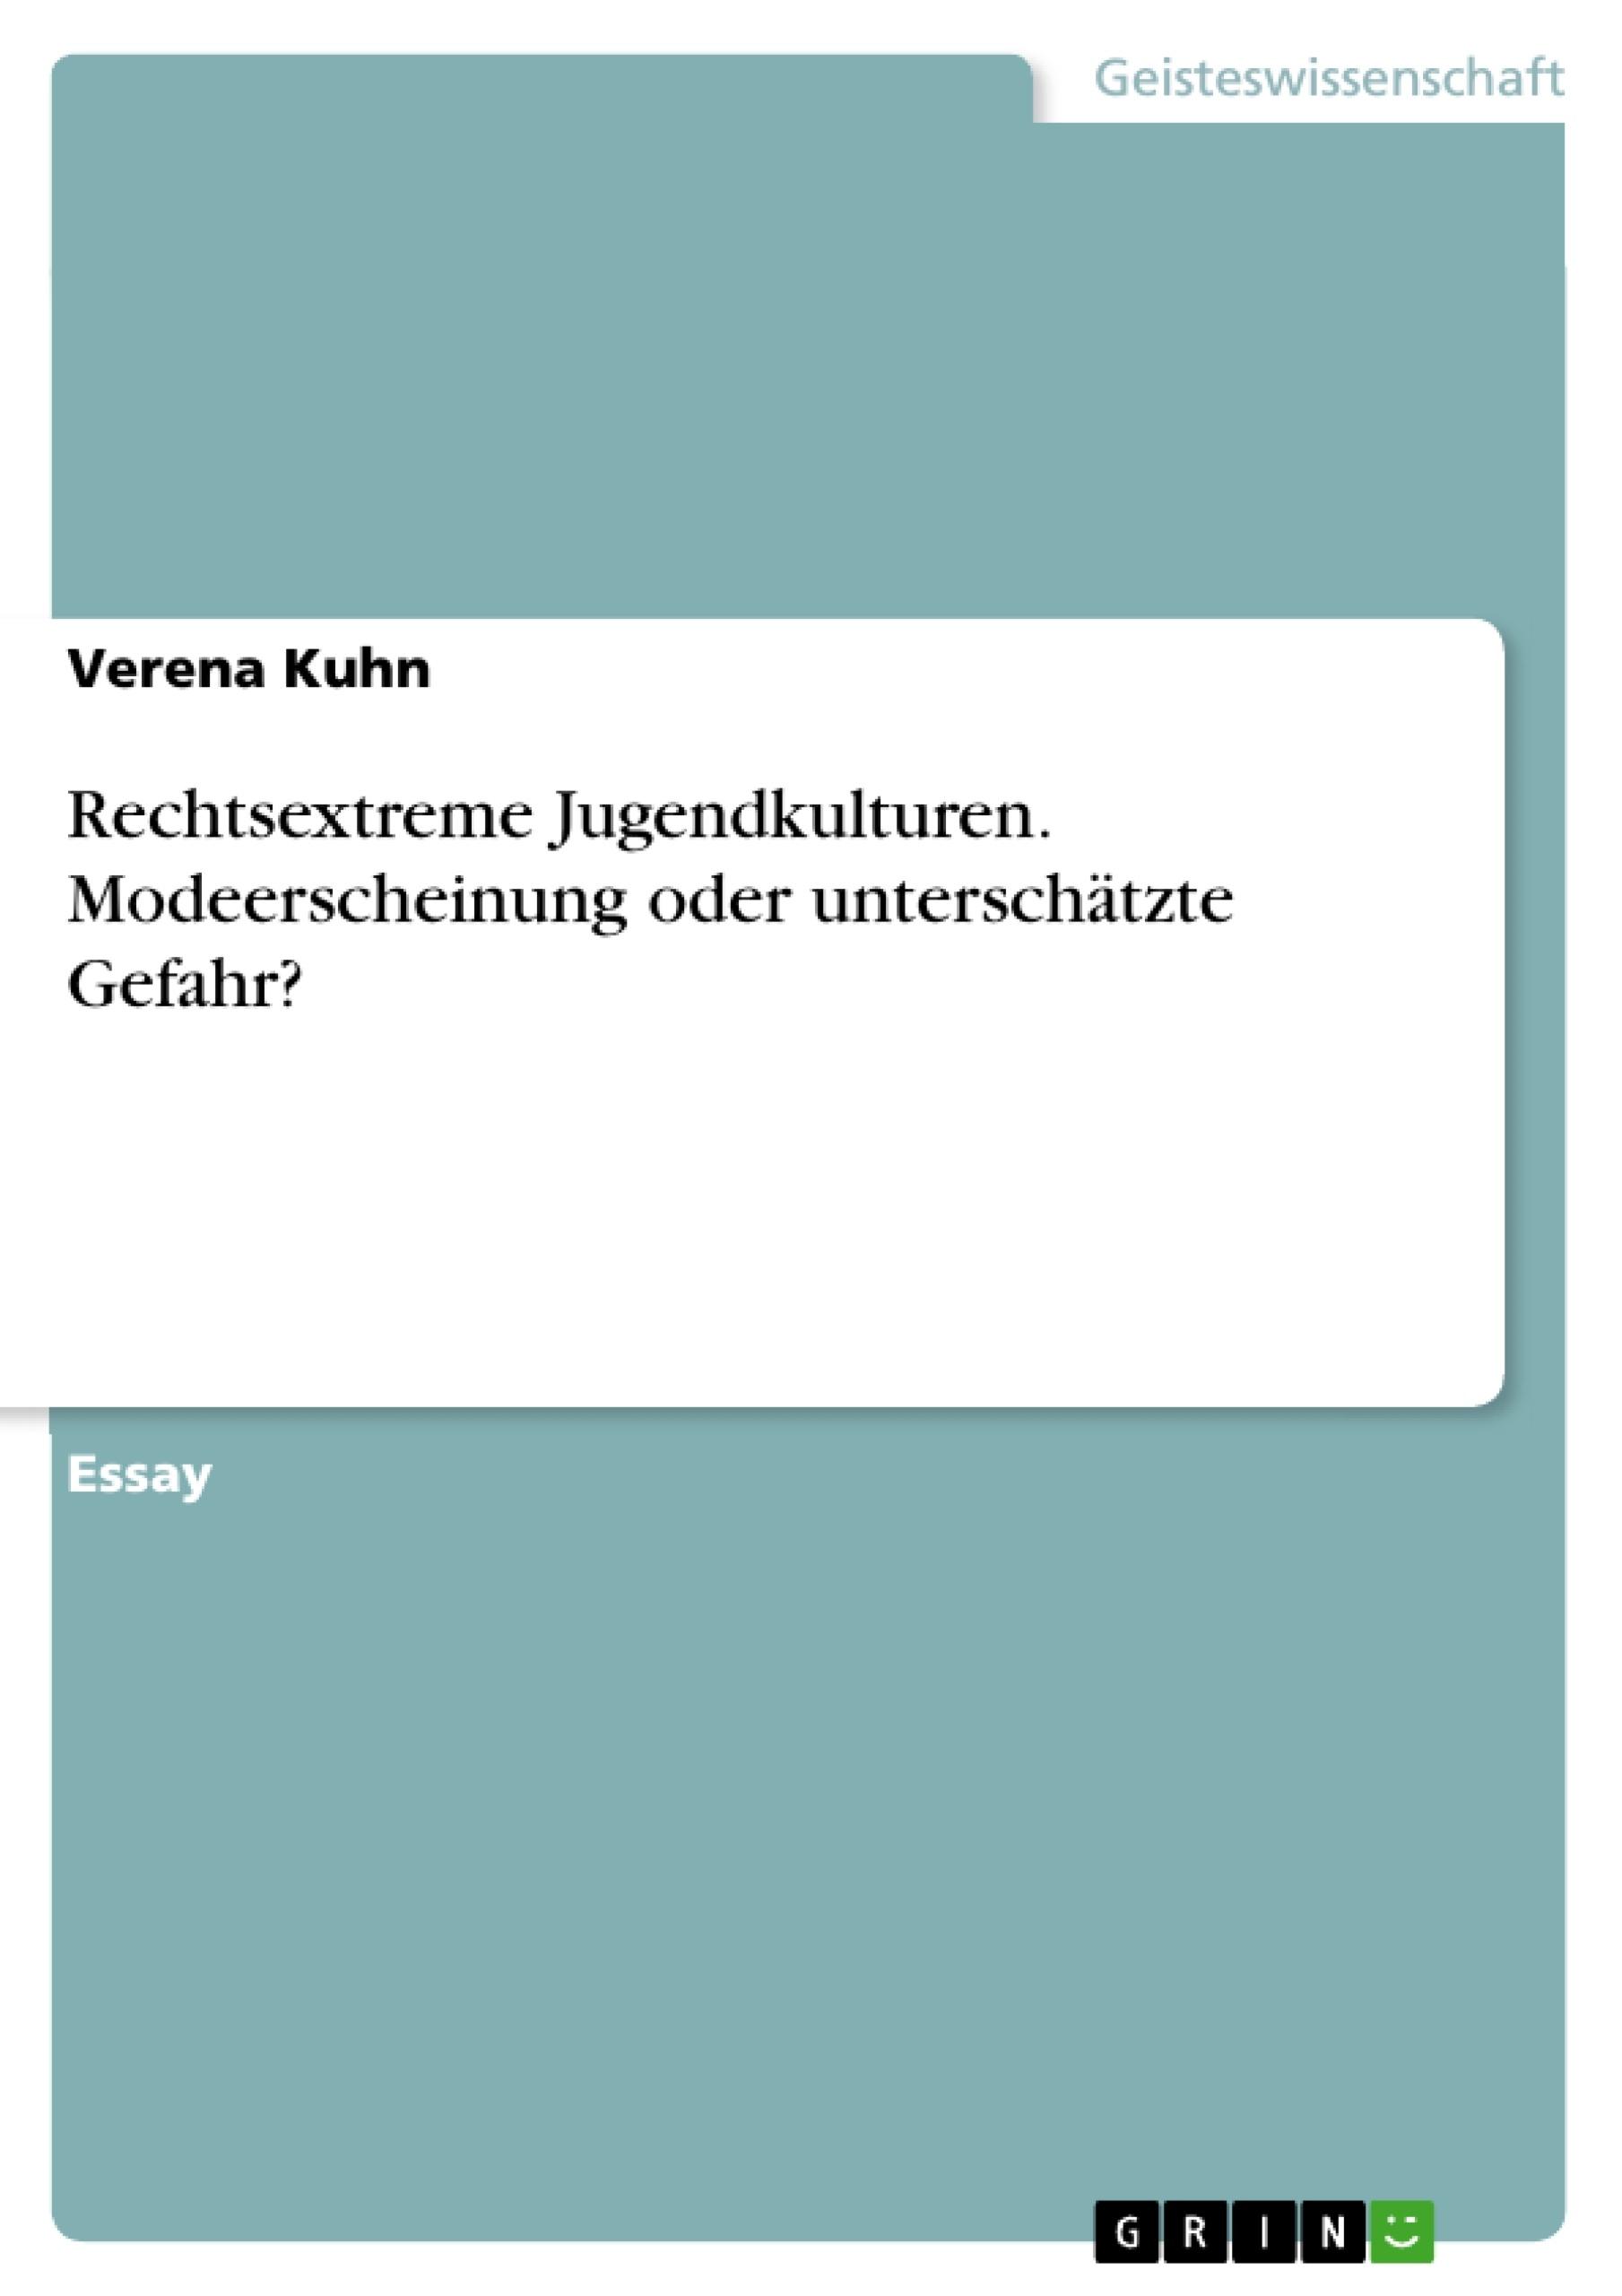 Titel: Rechtsextreme Jugendkulturen. Modeerscheinung oder unterschätzte Gefahr?